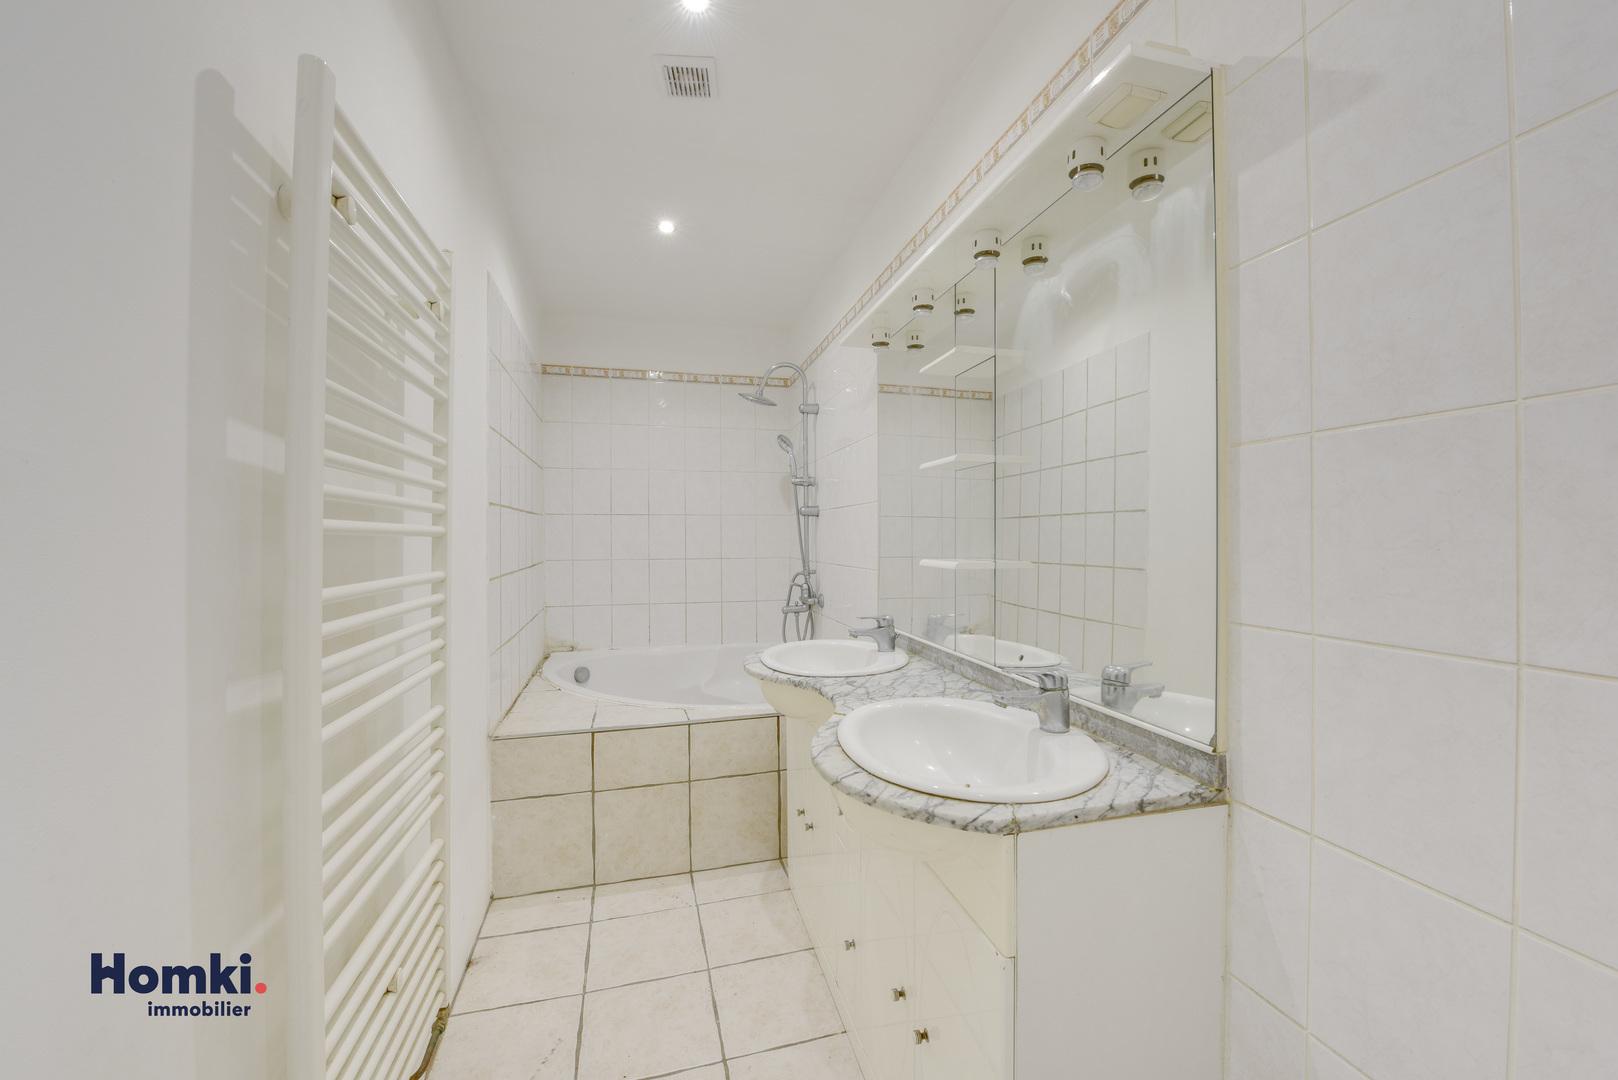 Maison I 113 m² I T4 I 38670 | photo 10